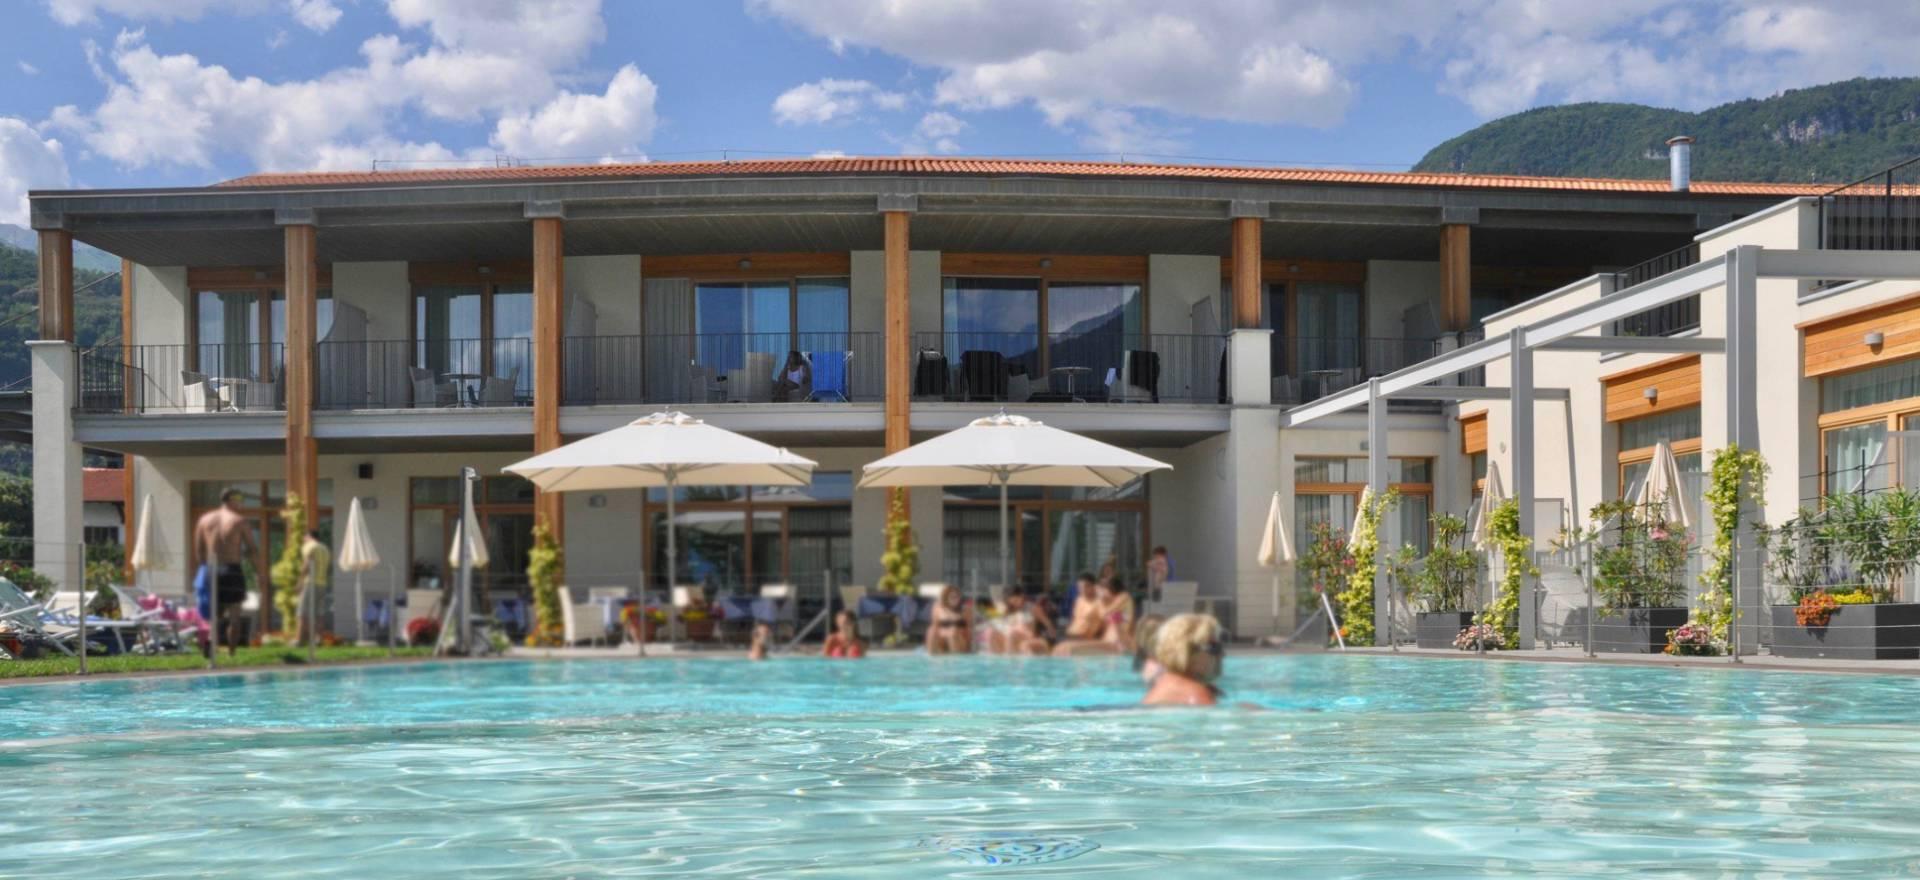 Gardasee Kleines Hotel Am See